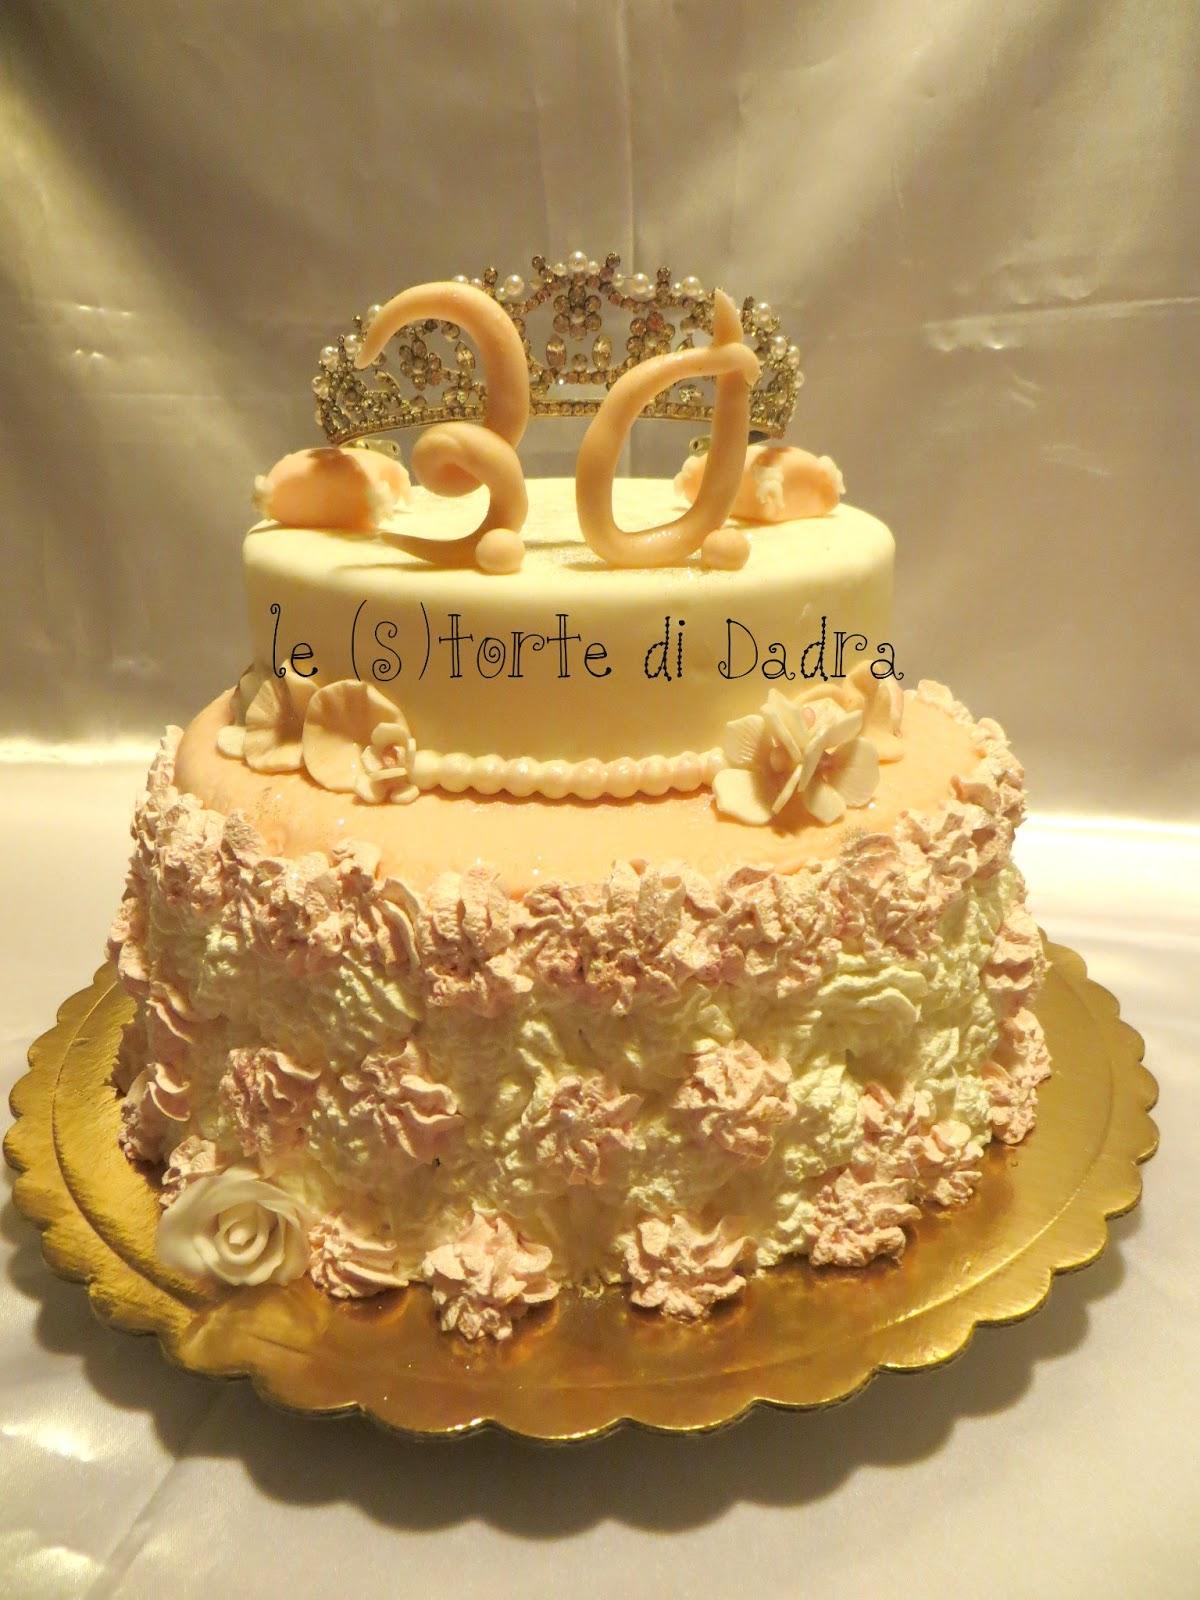 In cucina con dadra e le sue s torte i 30 anni di sara - La cucina di sara torte ...